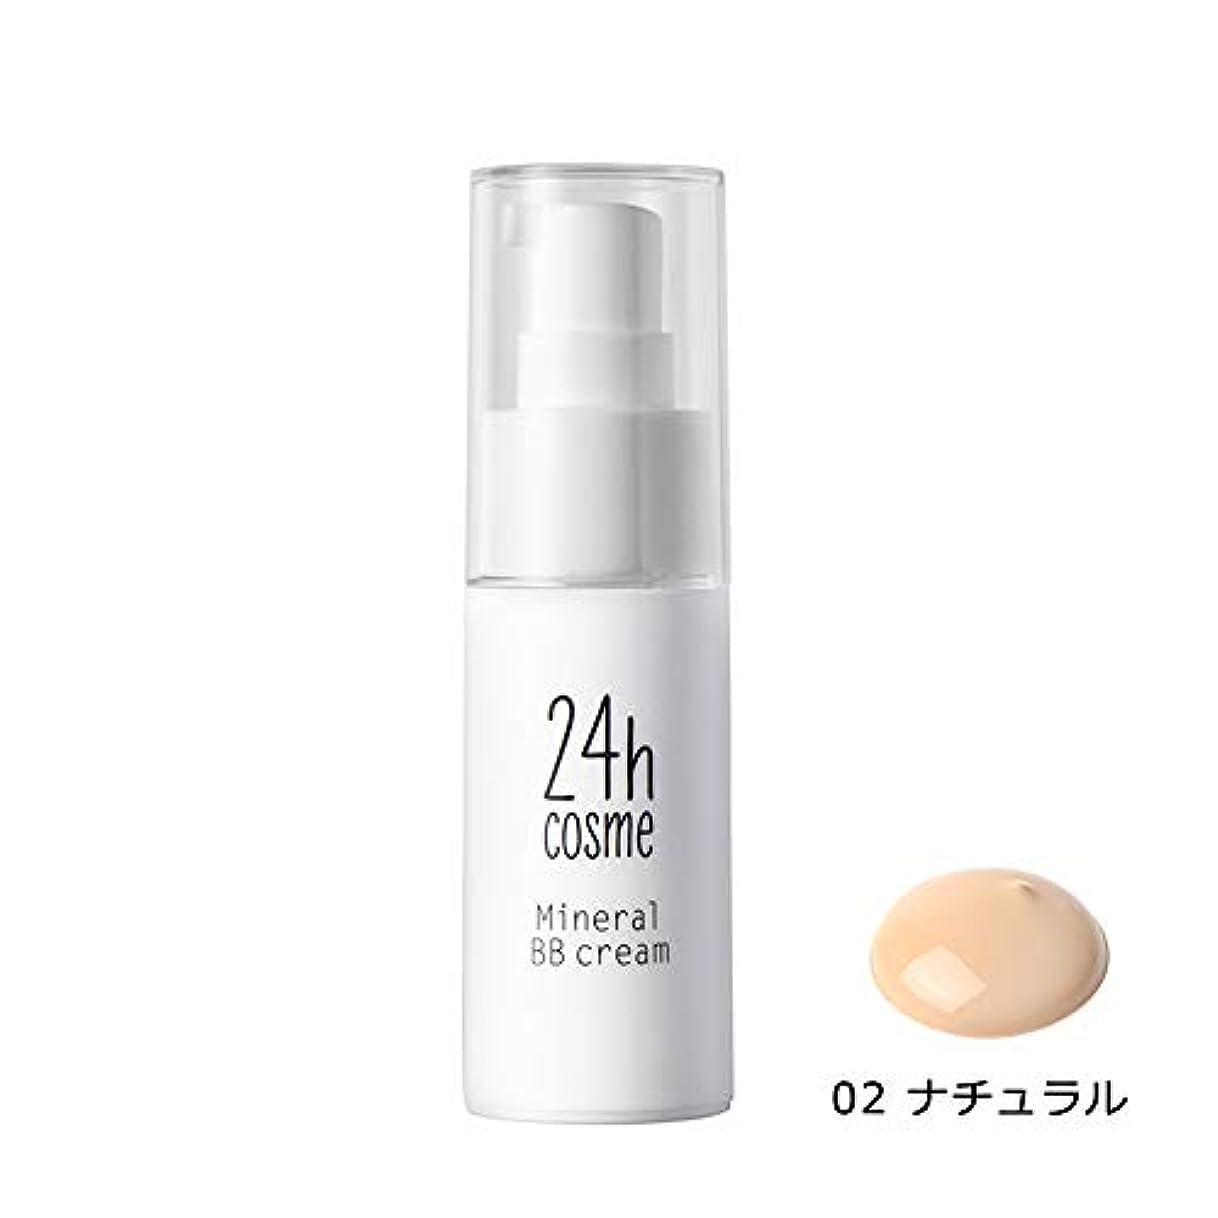 ファセット品活発24h cosme 24 ミネラルBBクリーム 02 ナチュラル SPF30PA+++